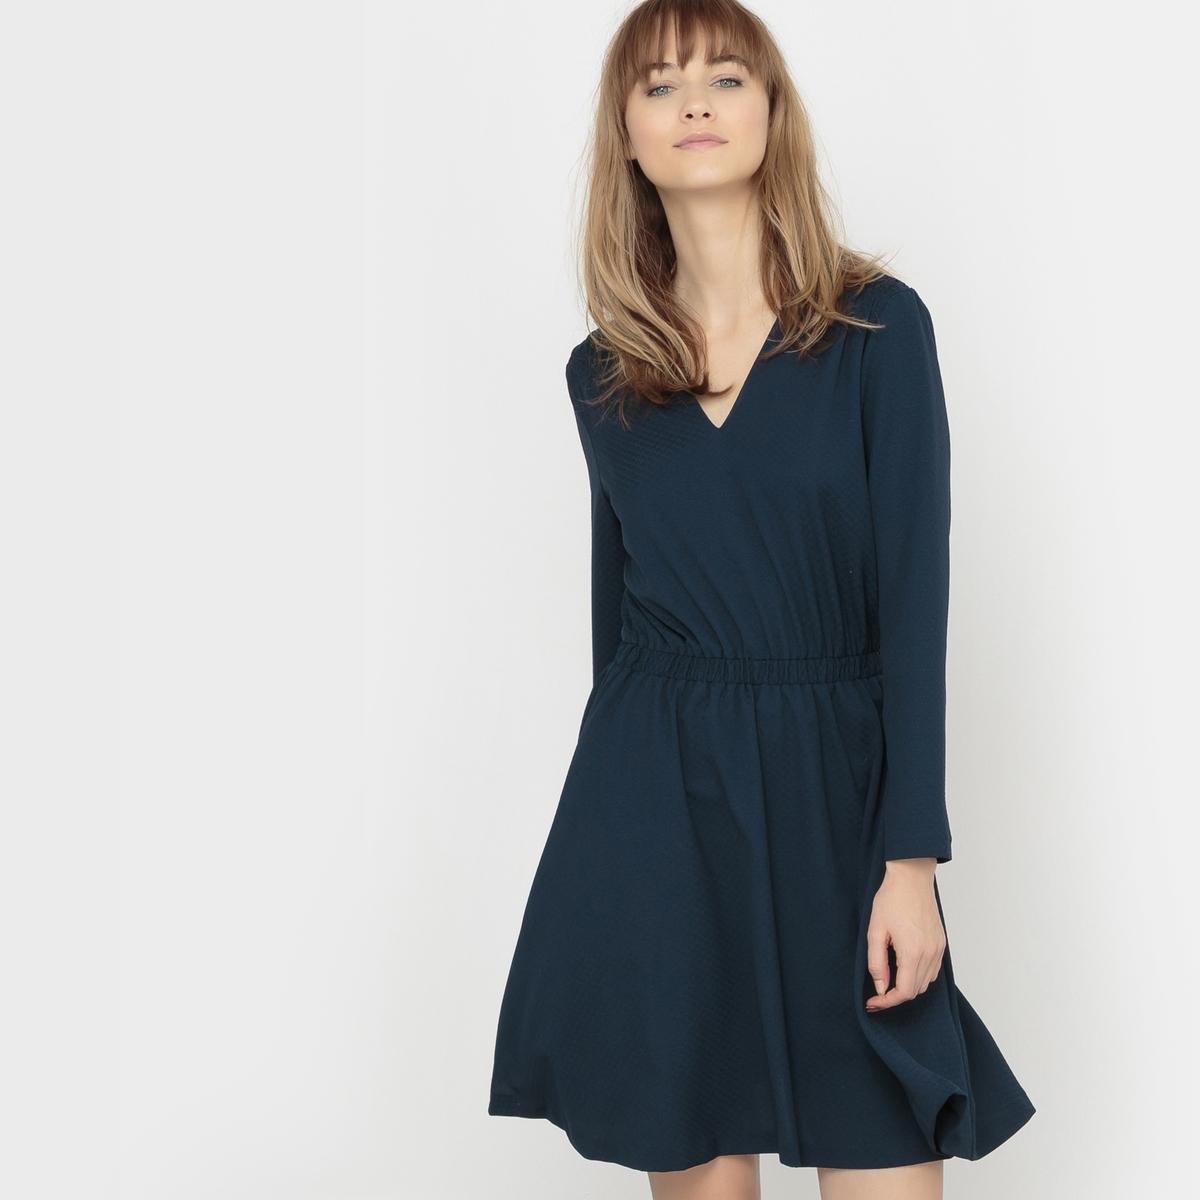 Платье с V-образным декольте и длинным рукавомСостав и описаниеМарка : KARL MARC JOHNМатериал :  100% полиэстер<br><br>Цвет: сине-зеленый,синий морской<br>Размер: M